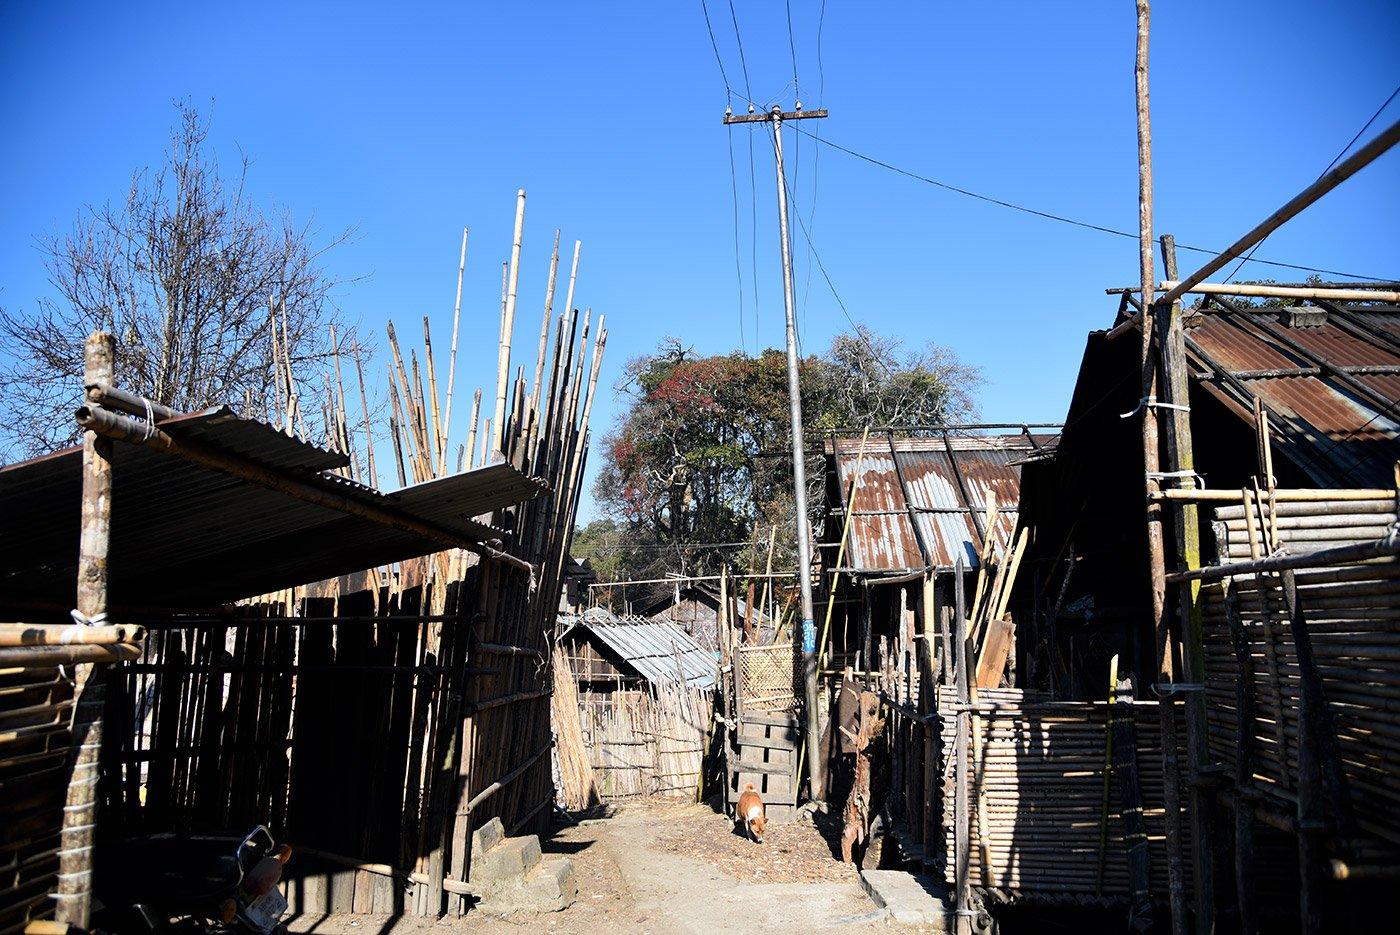 A Hong home of bamboos, built on wooden stilts.